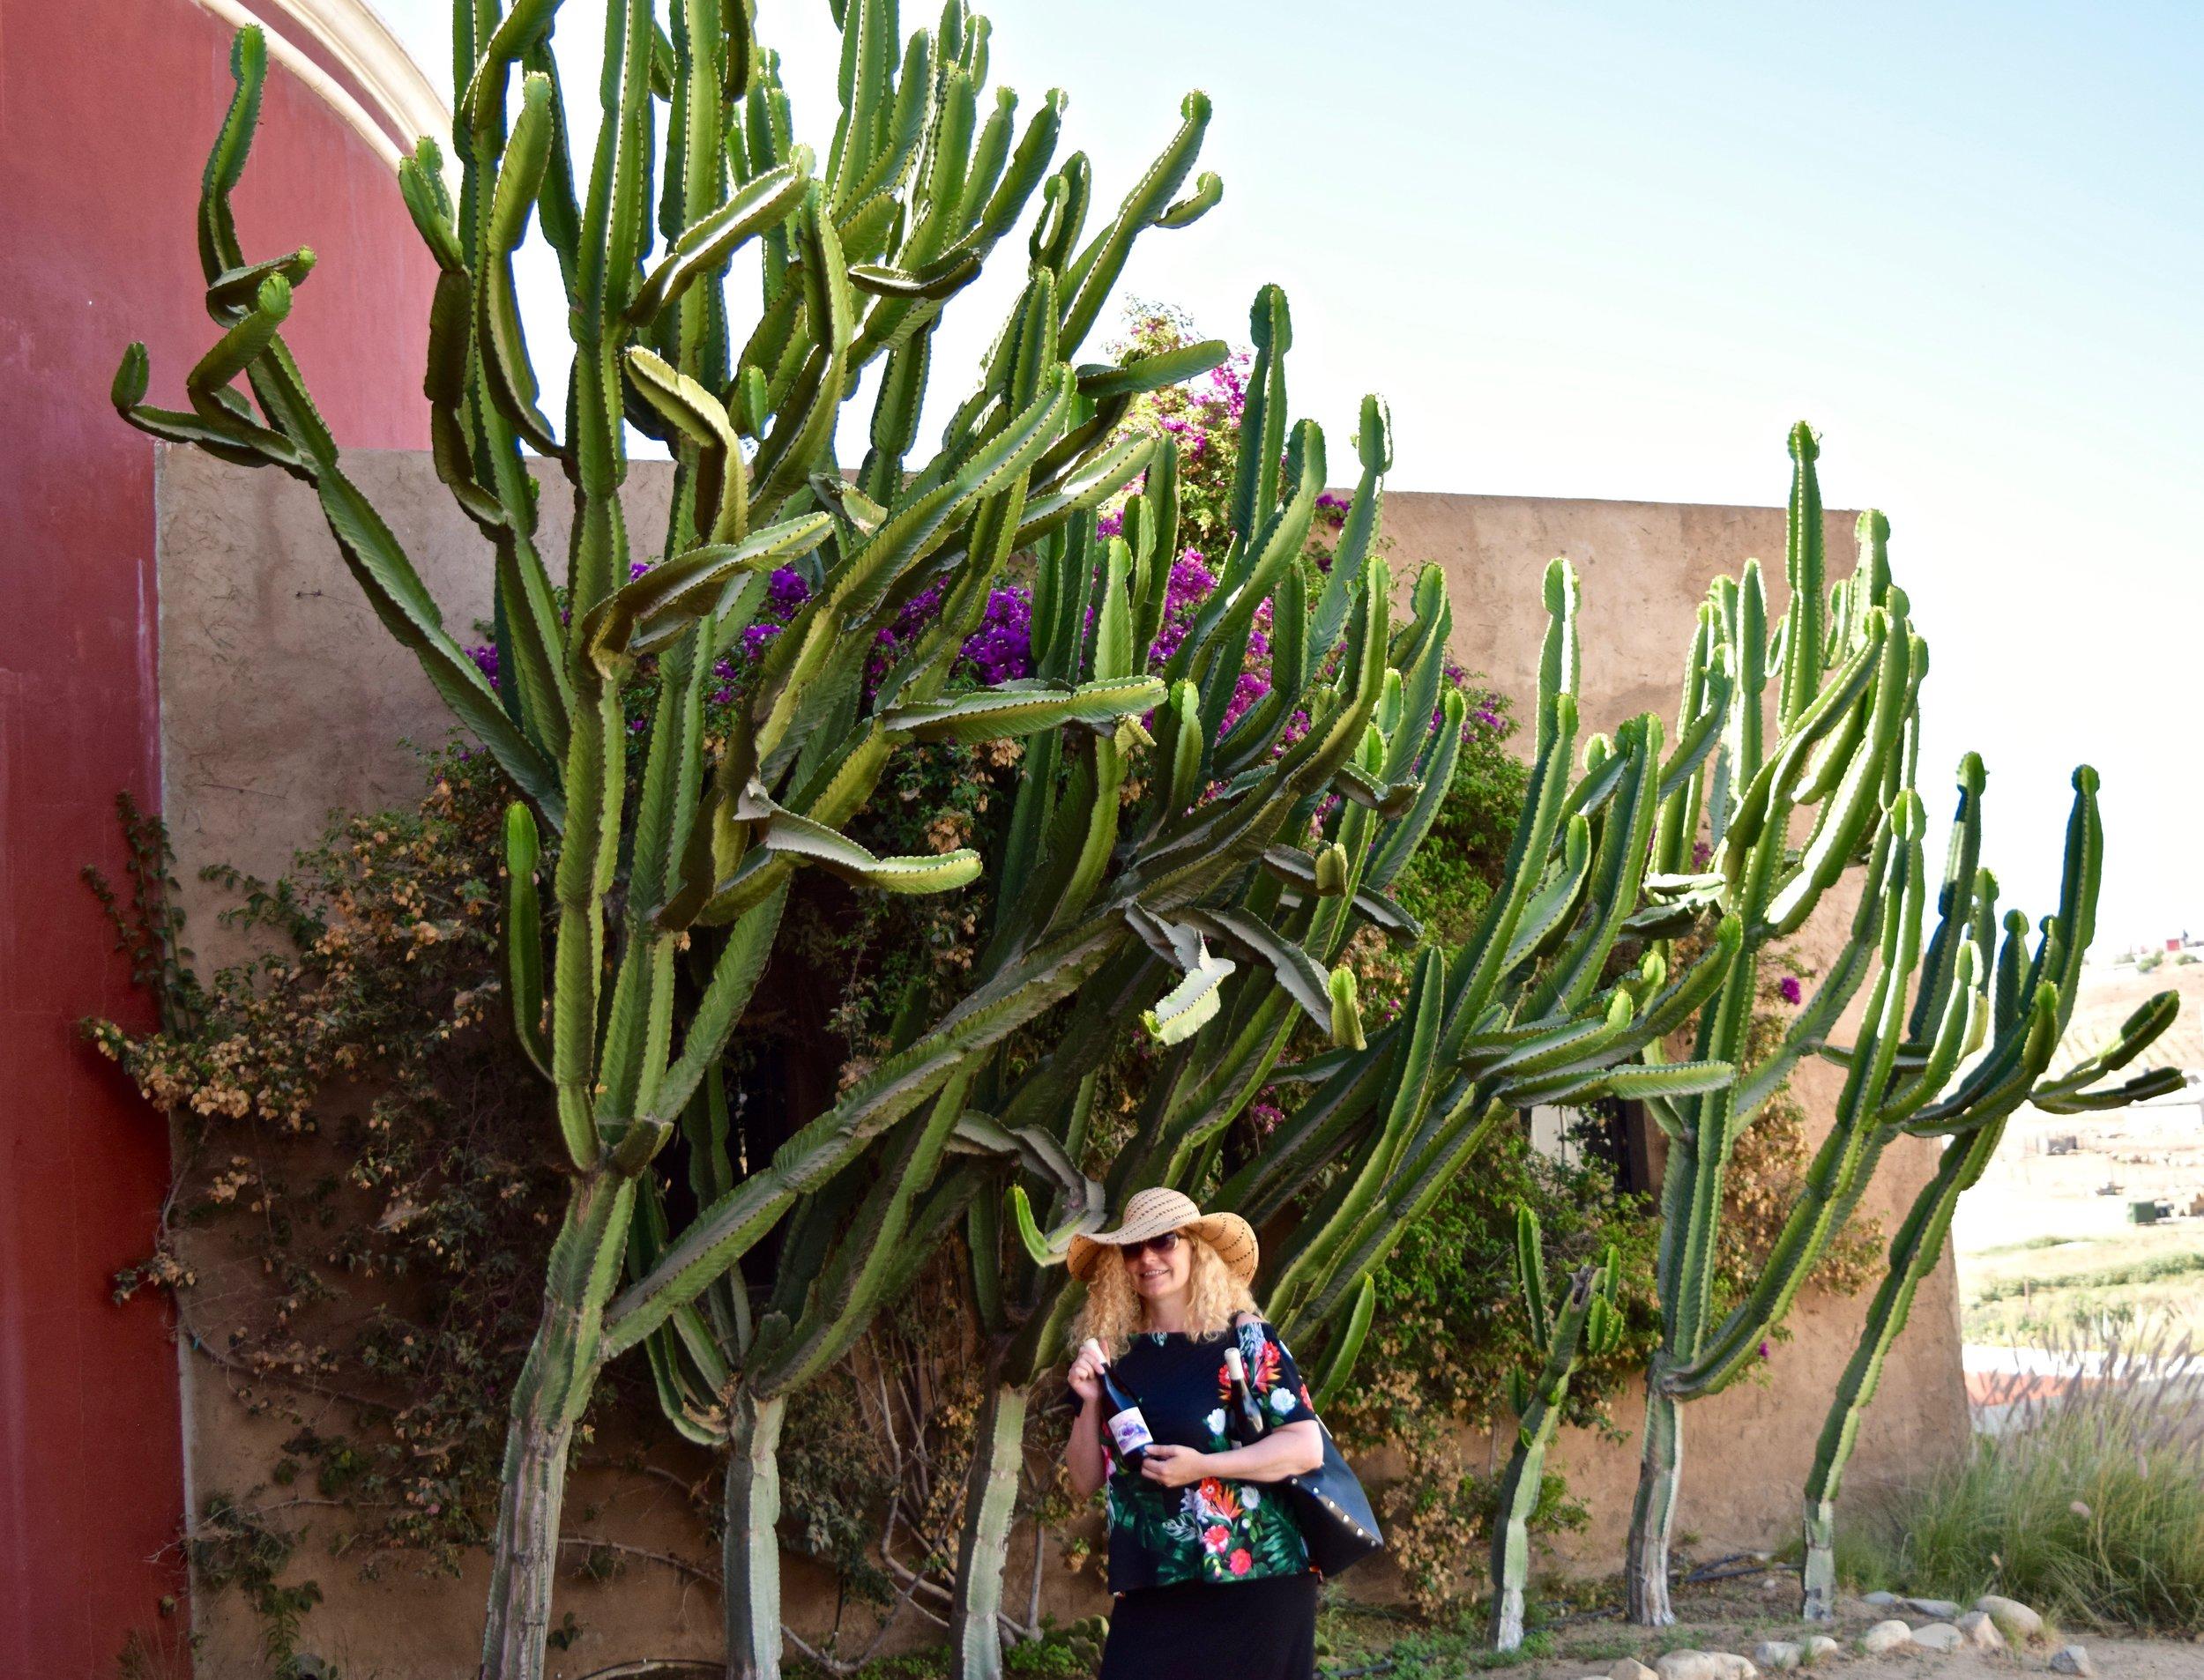 la lomita- cacti & joanna with wine.jpg